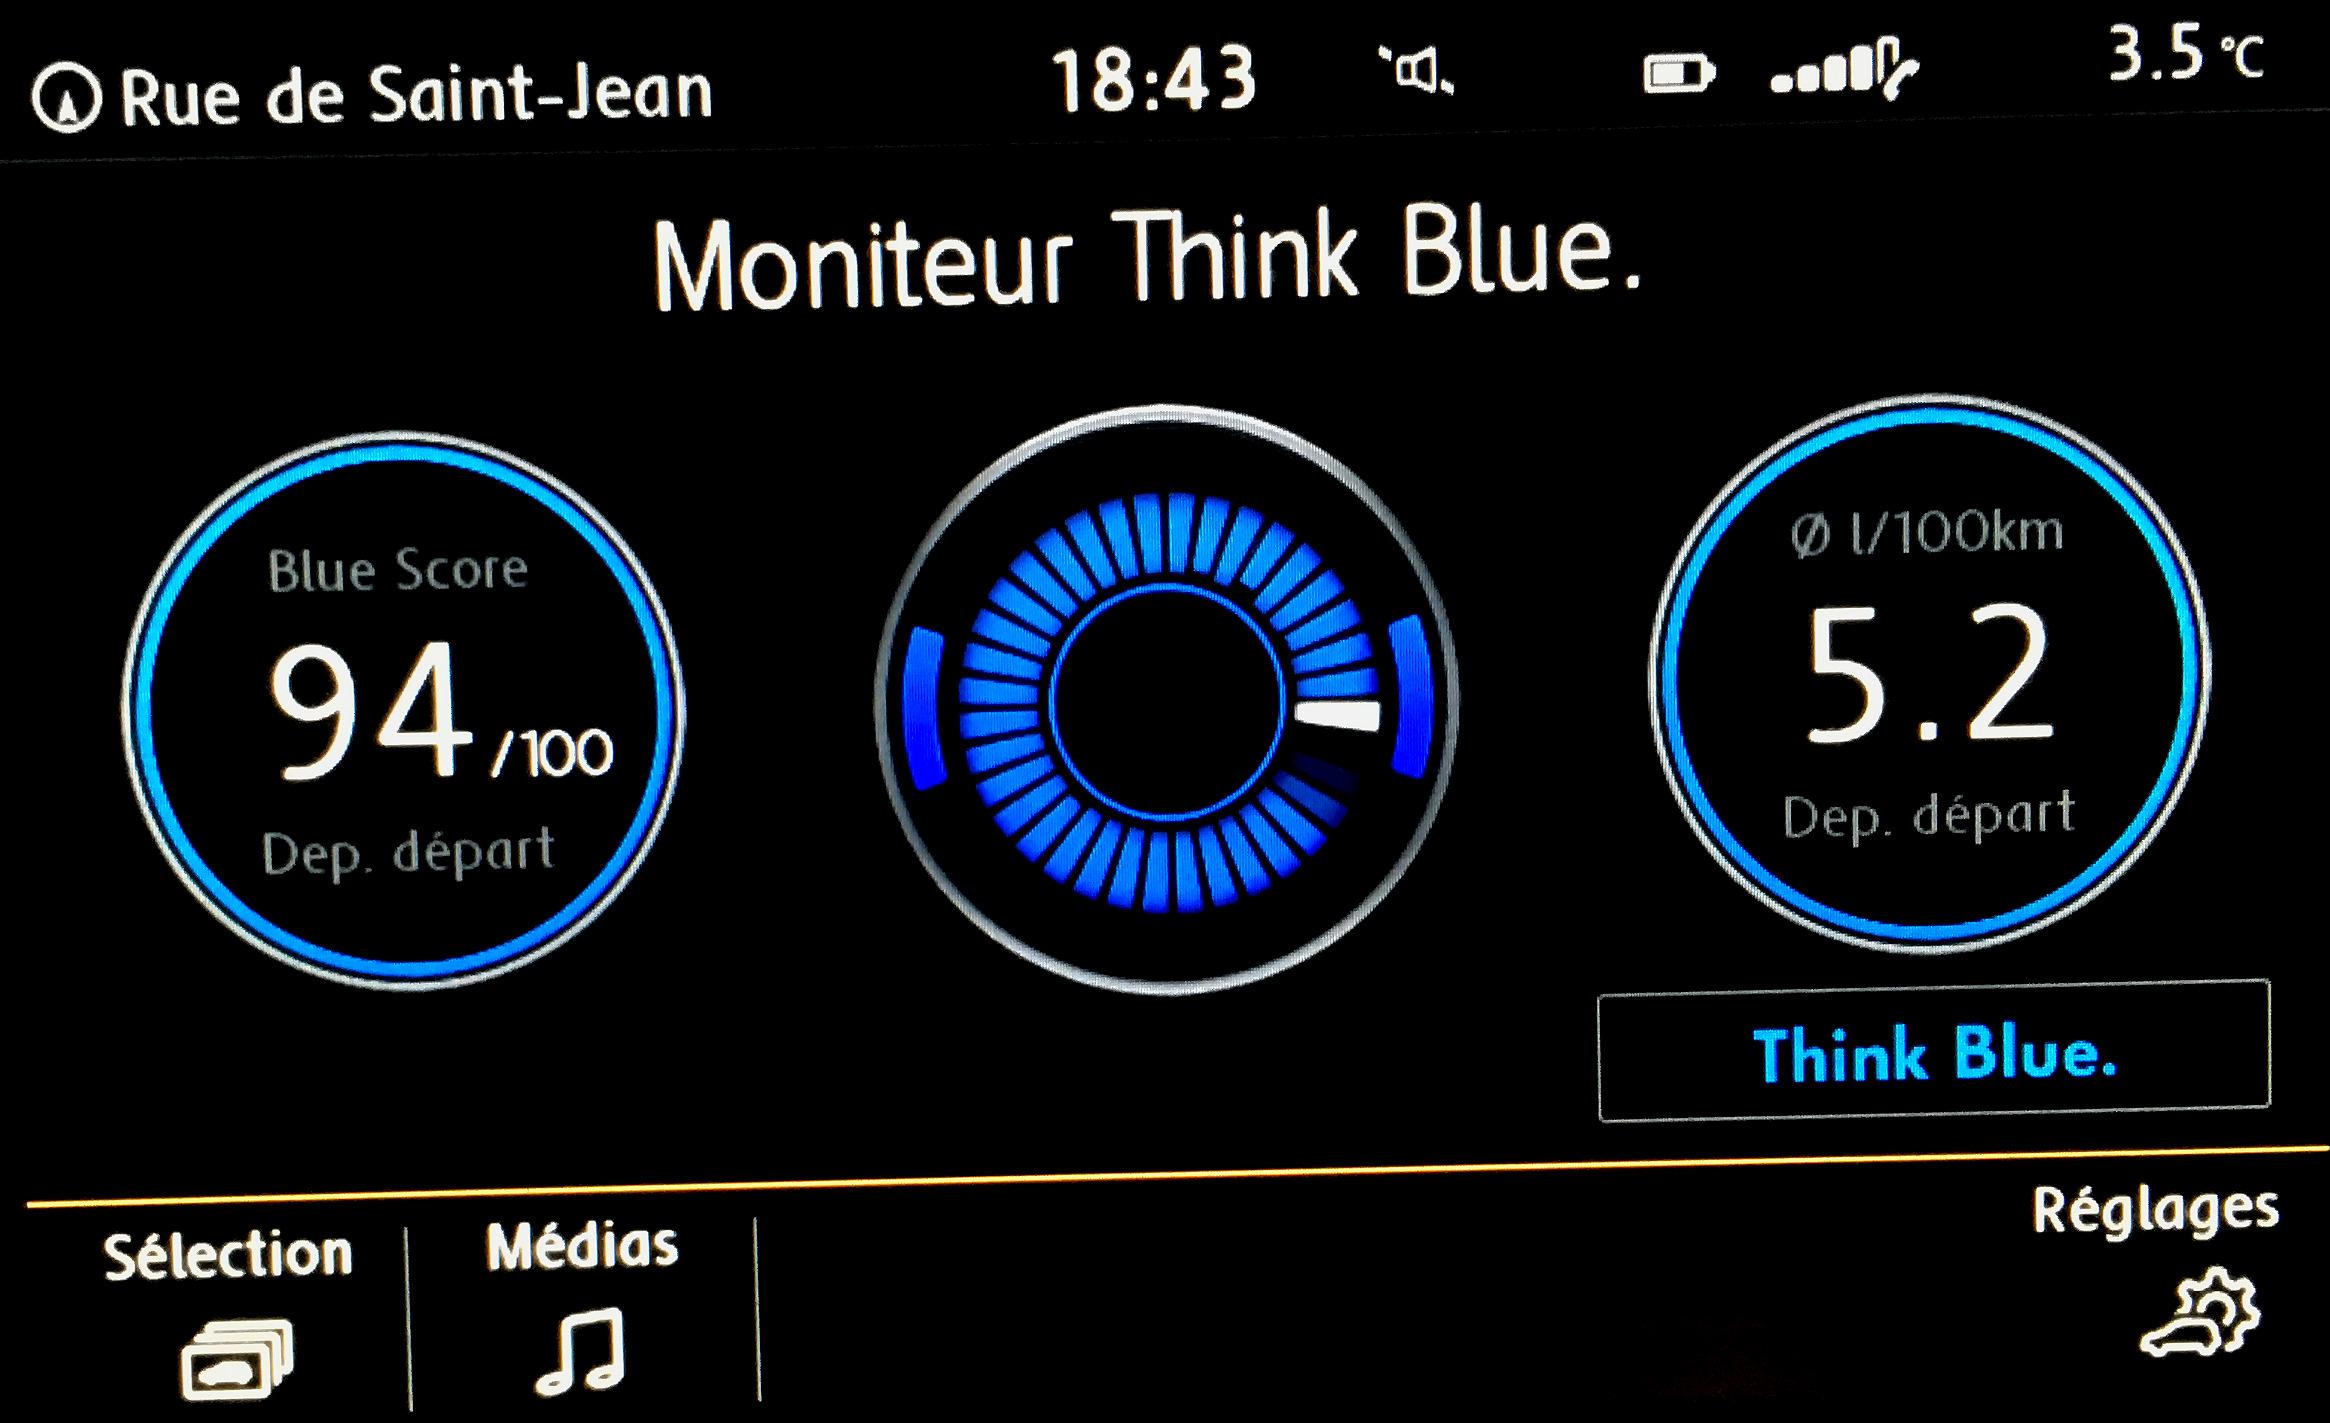 Le moniteur think blue t'informe si ta conduite est énergétiquement efficace. Vincent Gaillard auto-